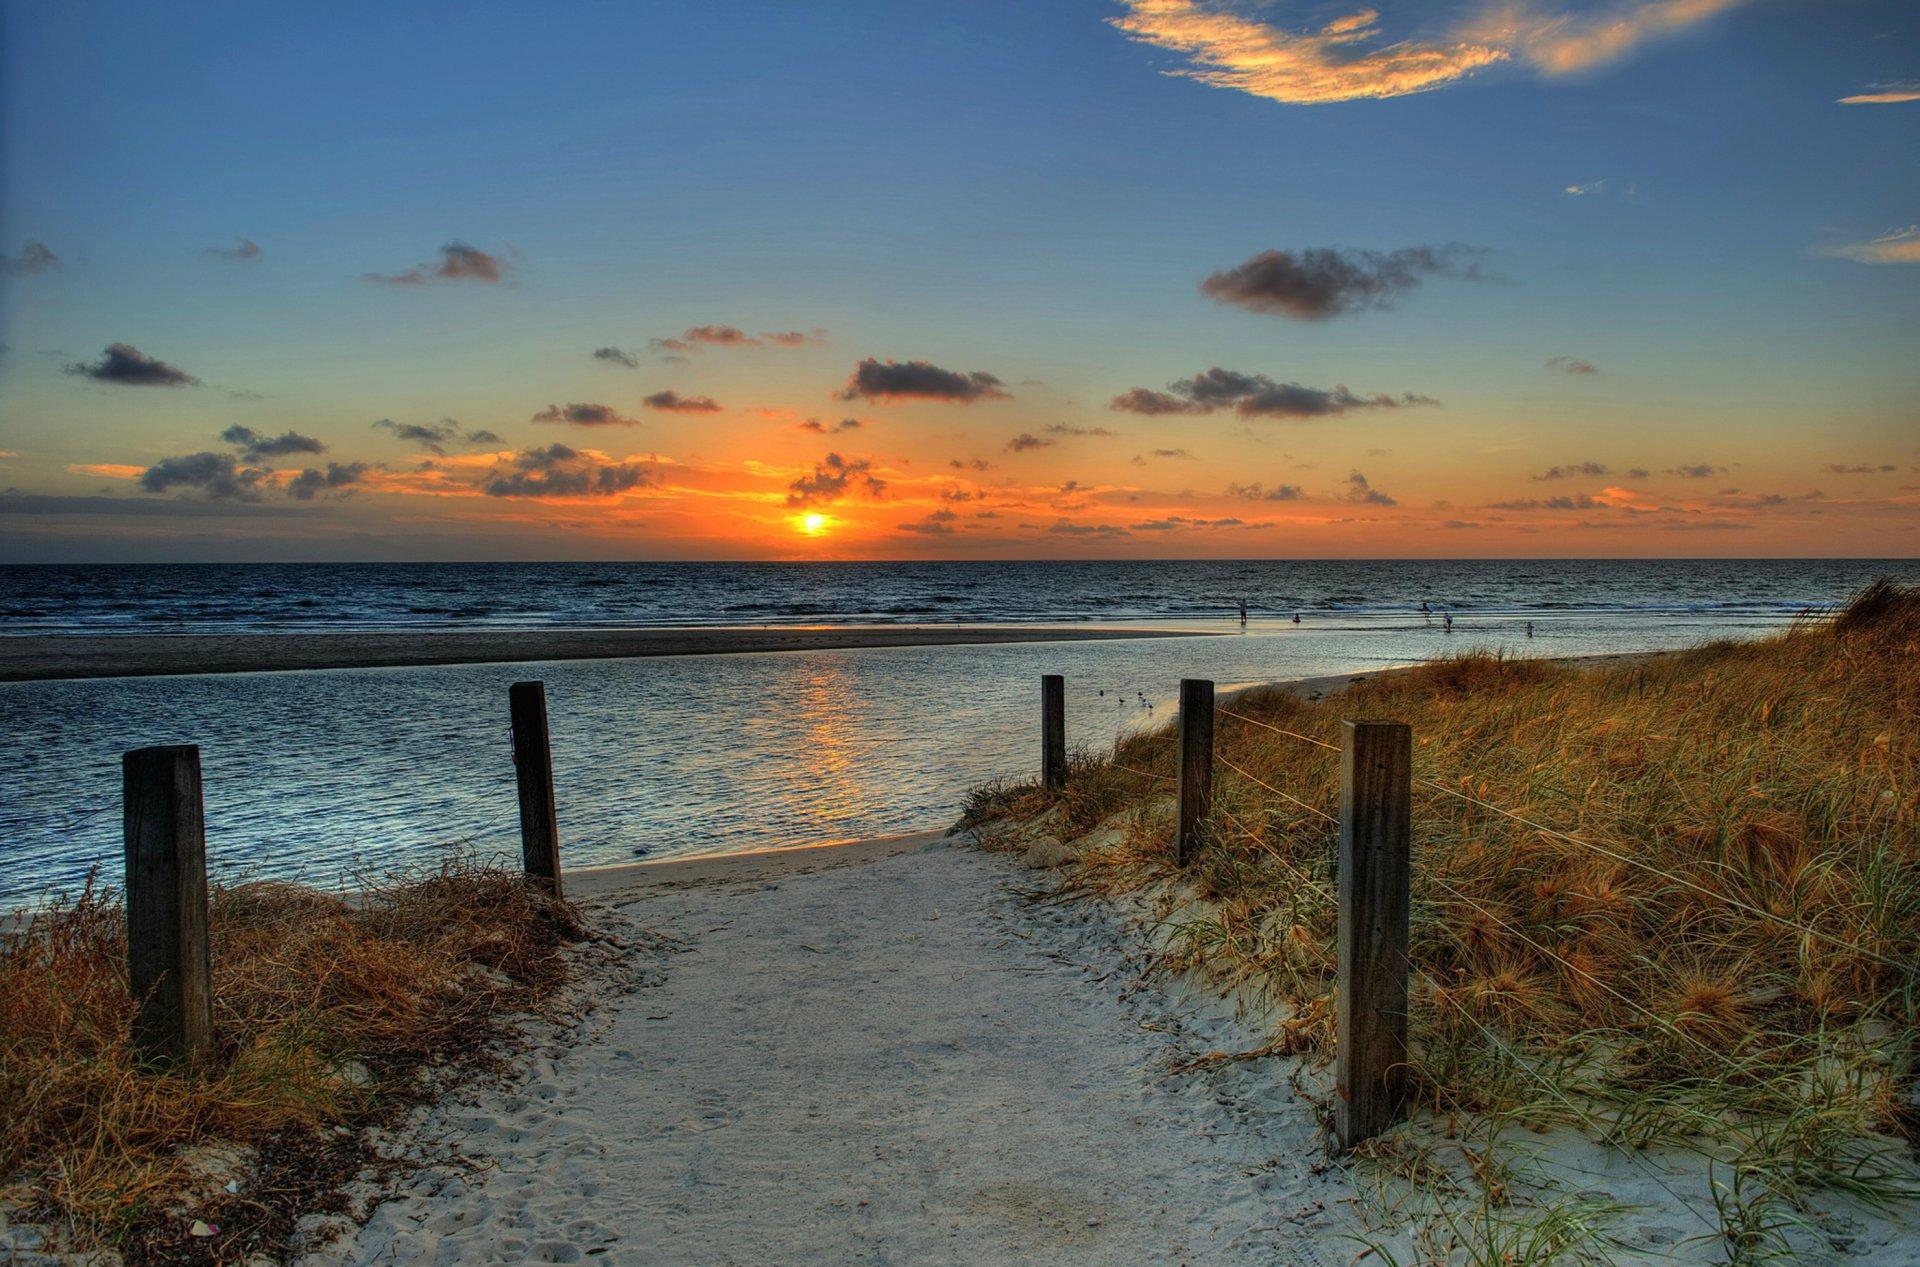 рассвет на берегу моря фото фотографий